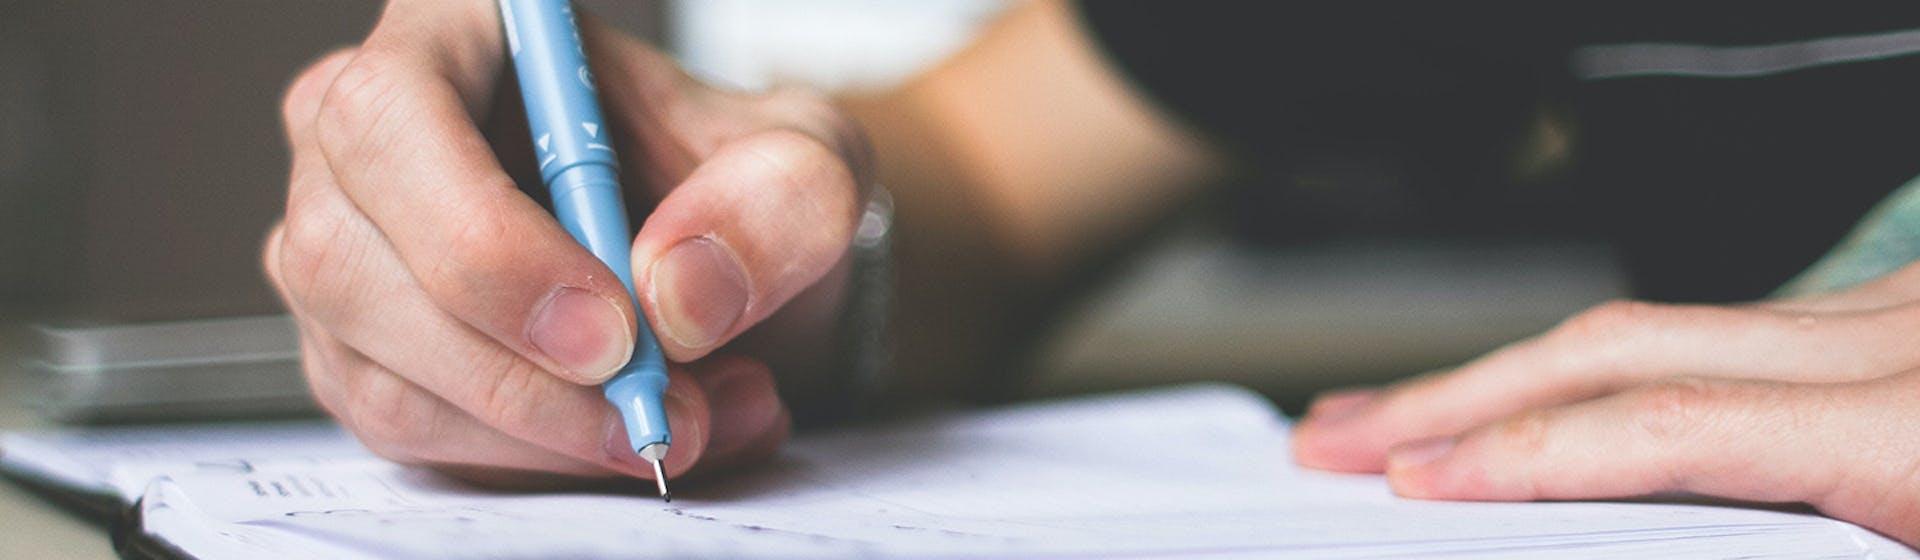 ¿Cómo utilizar conectores en inglés para lograr destacar en tus writings?